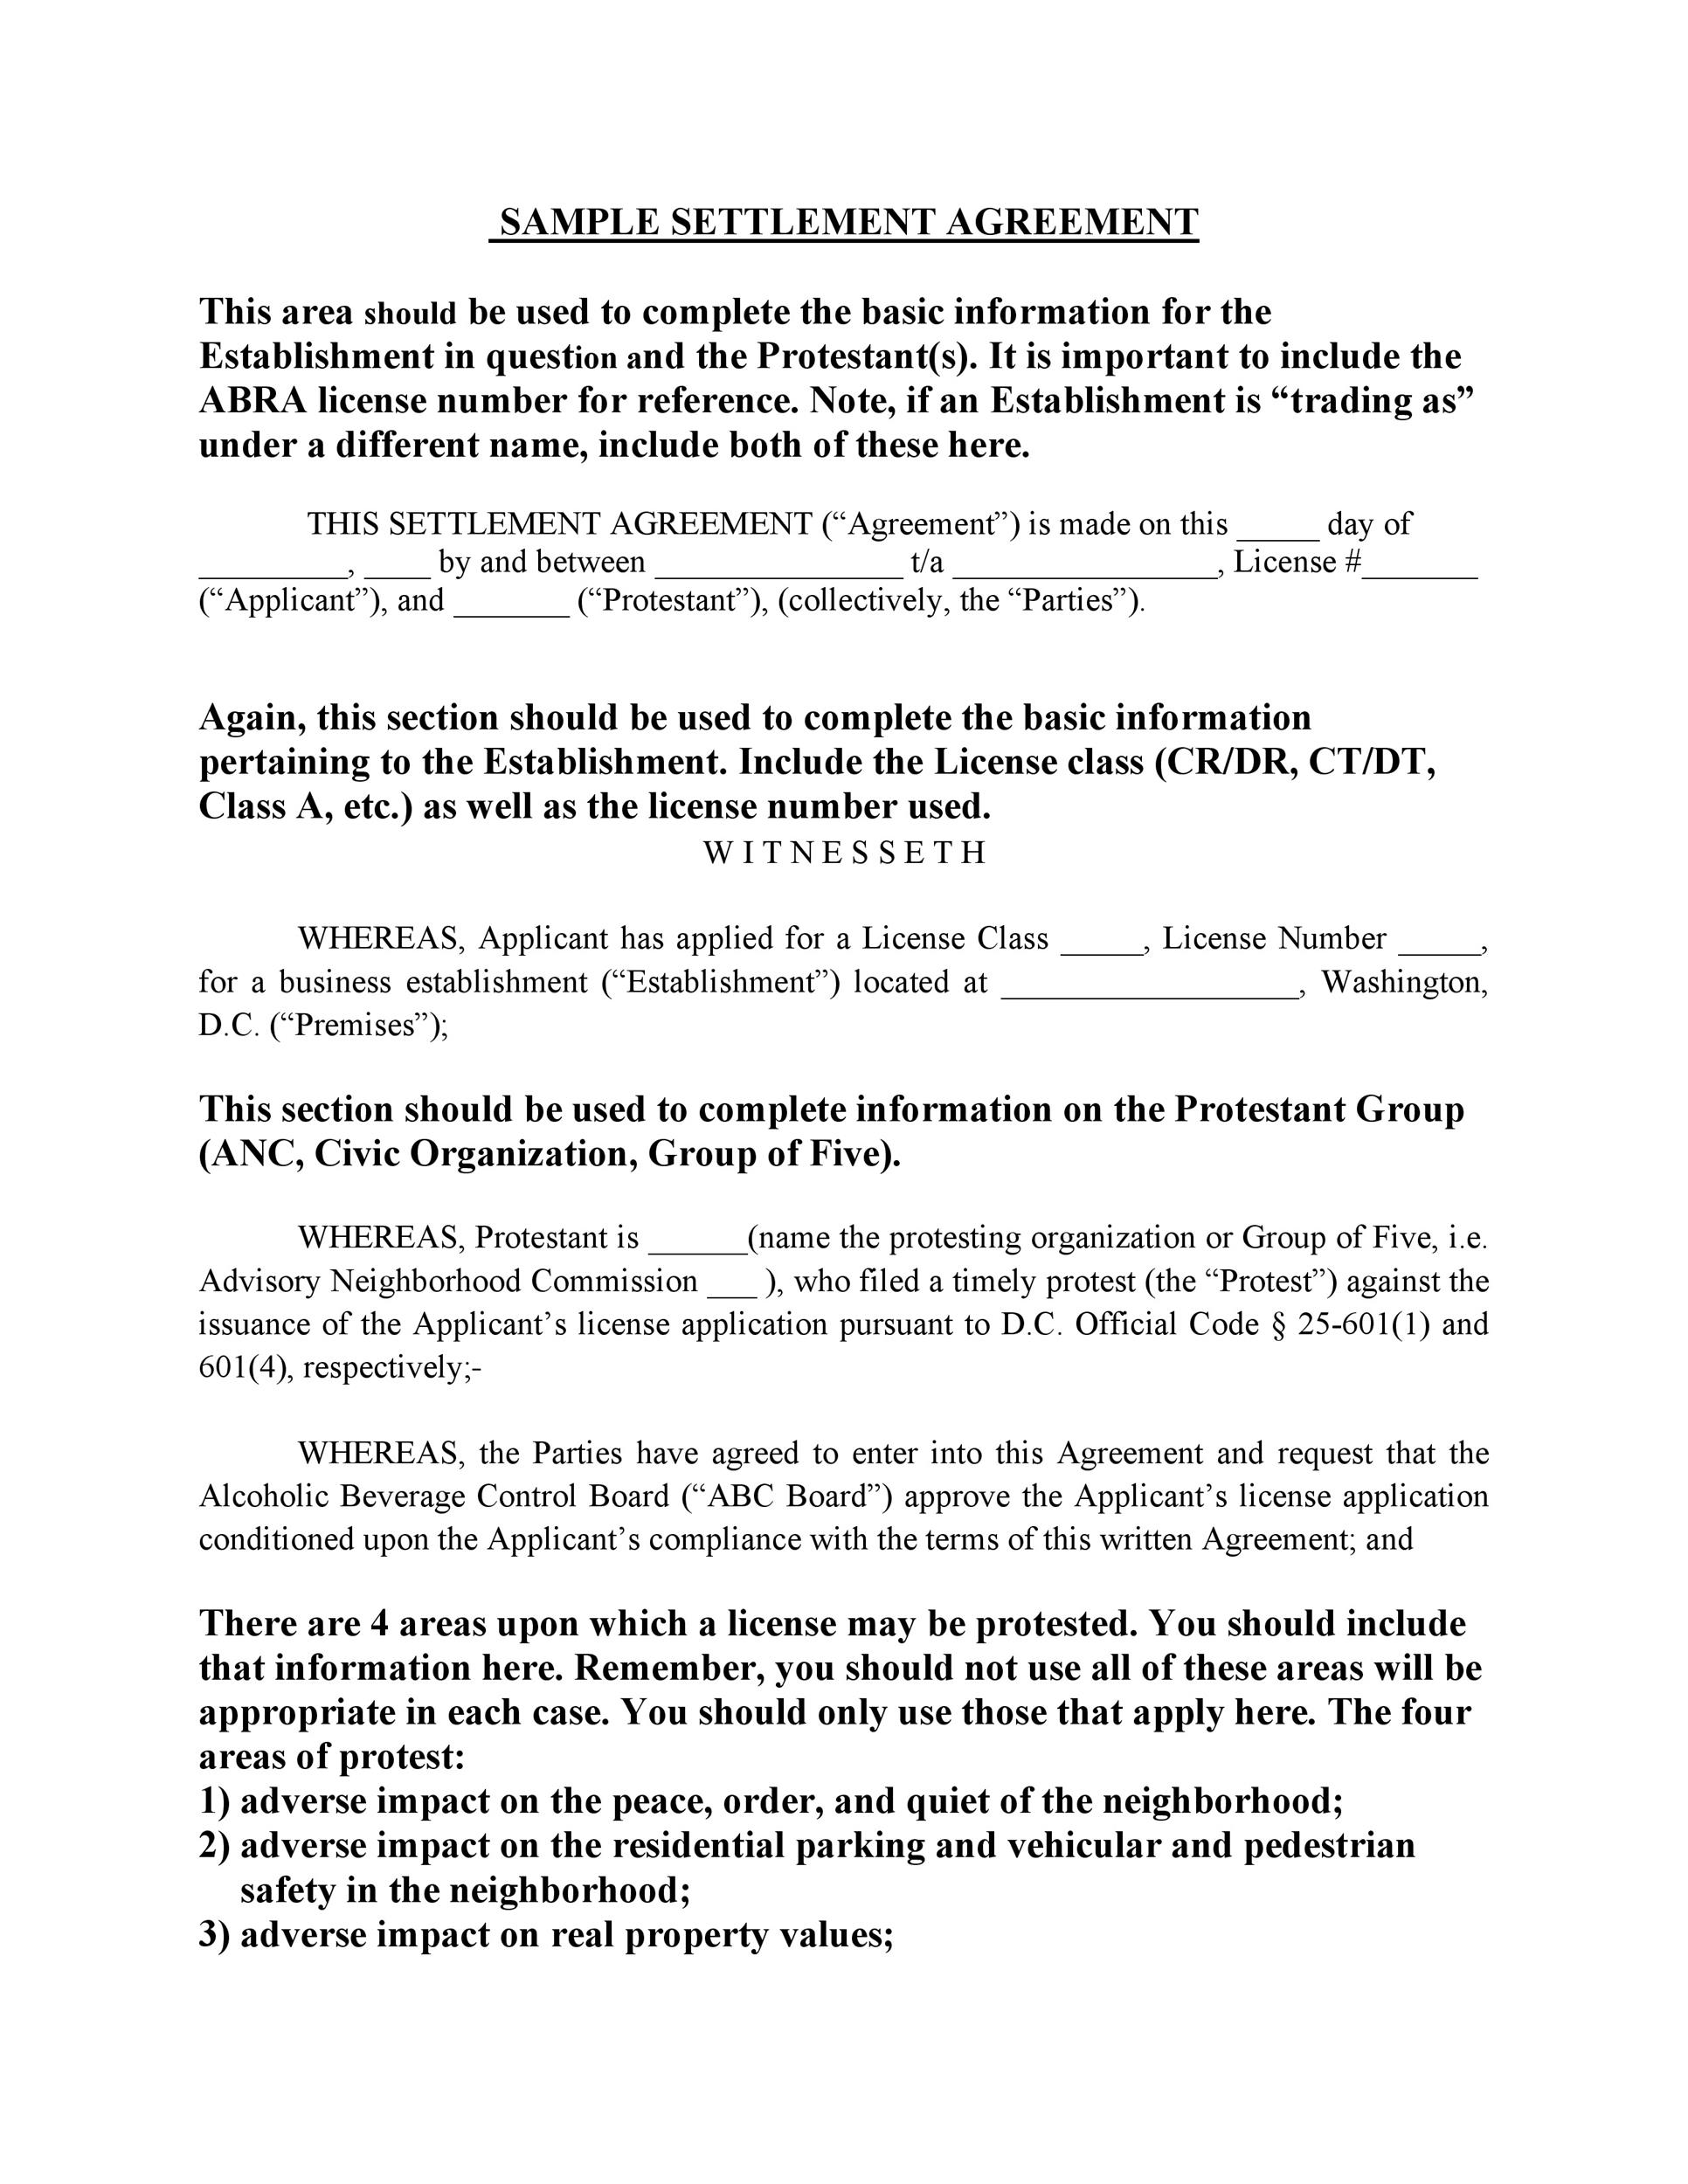 Free settlement agreement 28